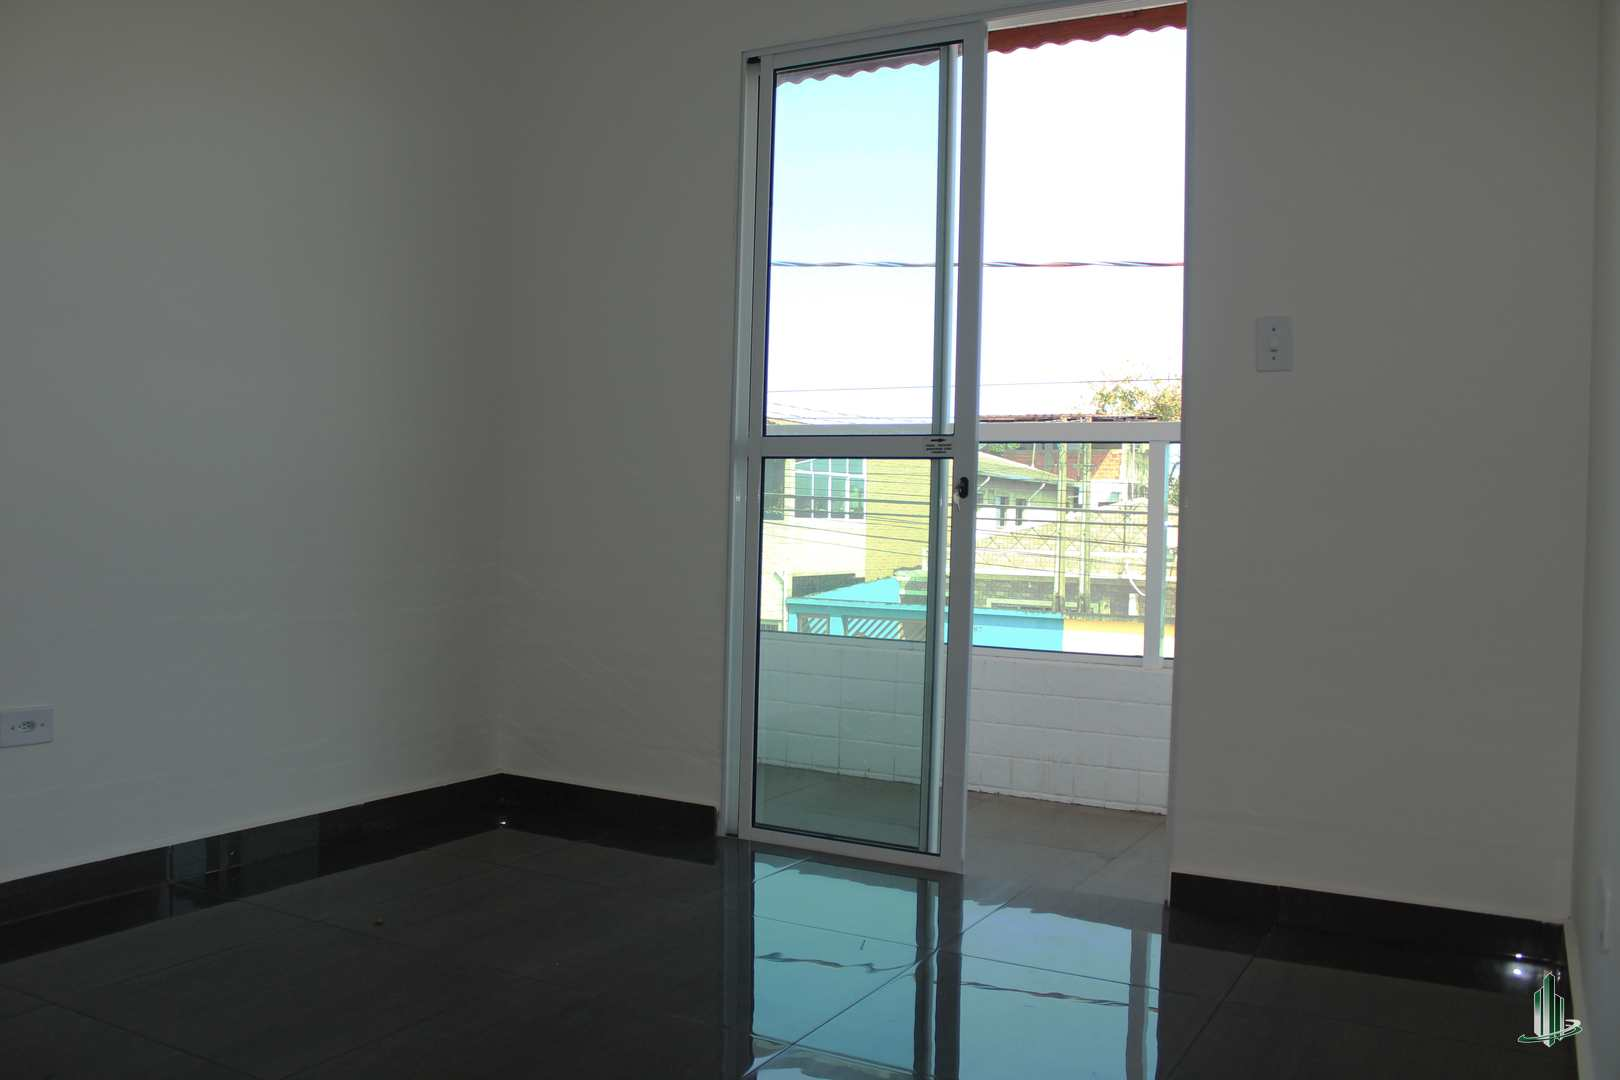 Casa de Condomínio com 2 dorms, Sítio do Campo, Praia Grande - R$ 220 mil, Cod: CA1233